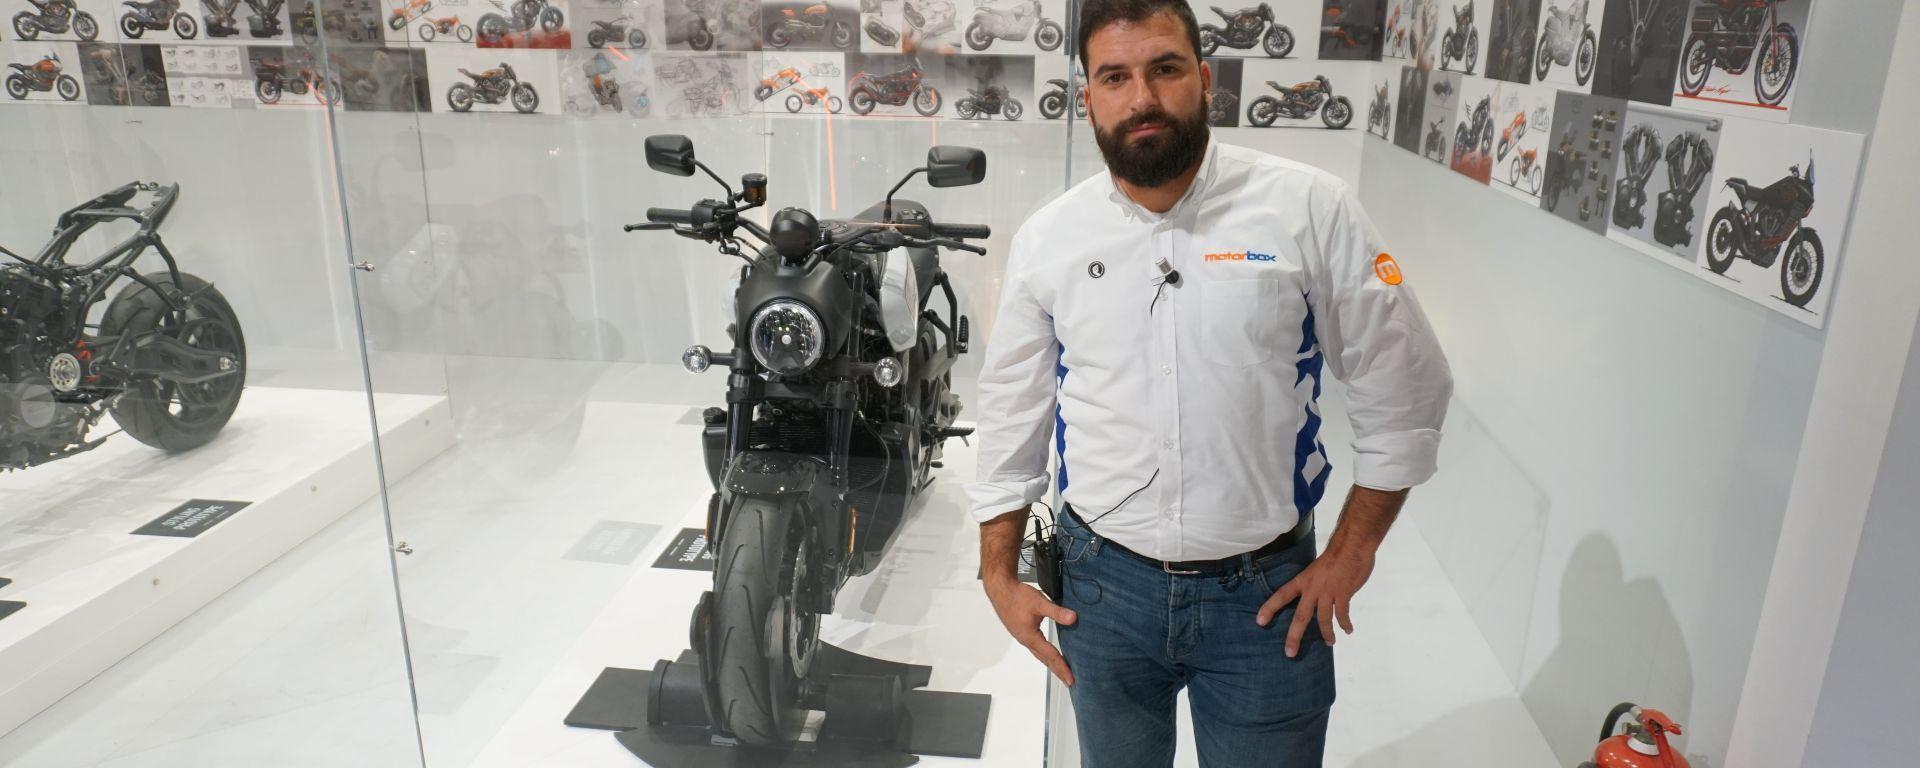 Harley-Davidson Bronx 2020 in video da Eicma 2019